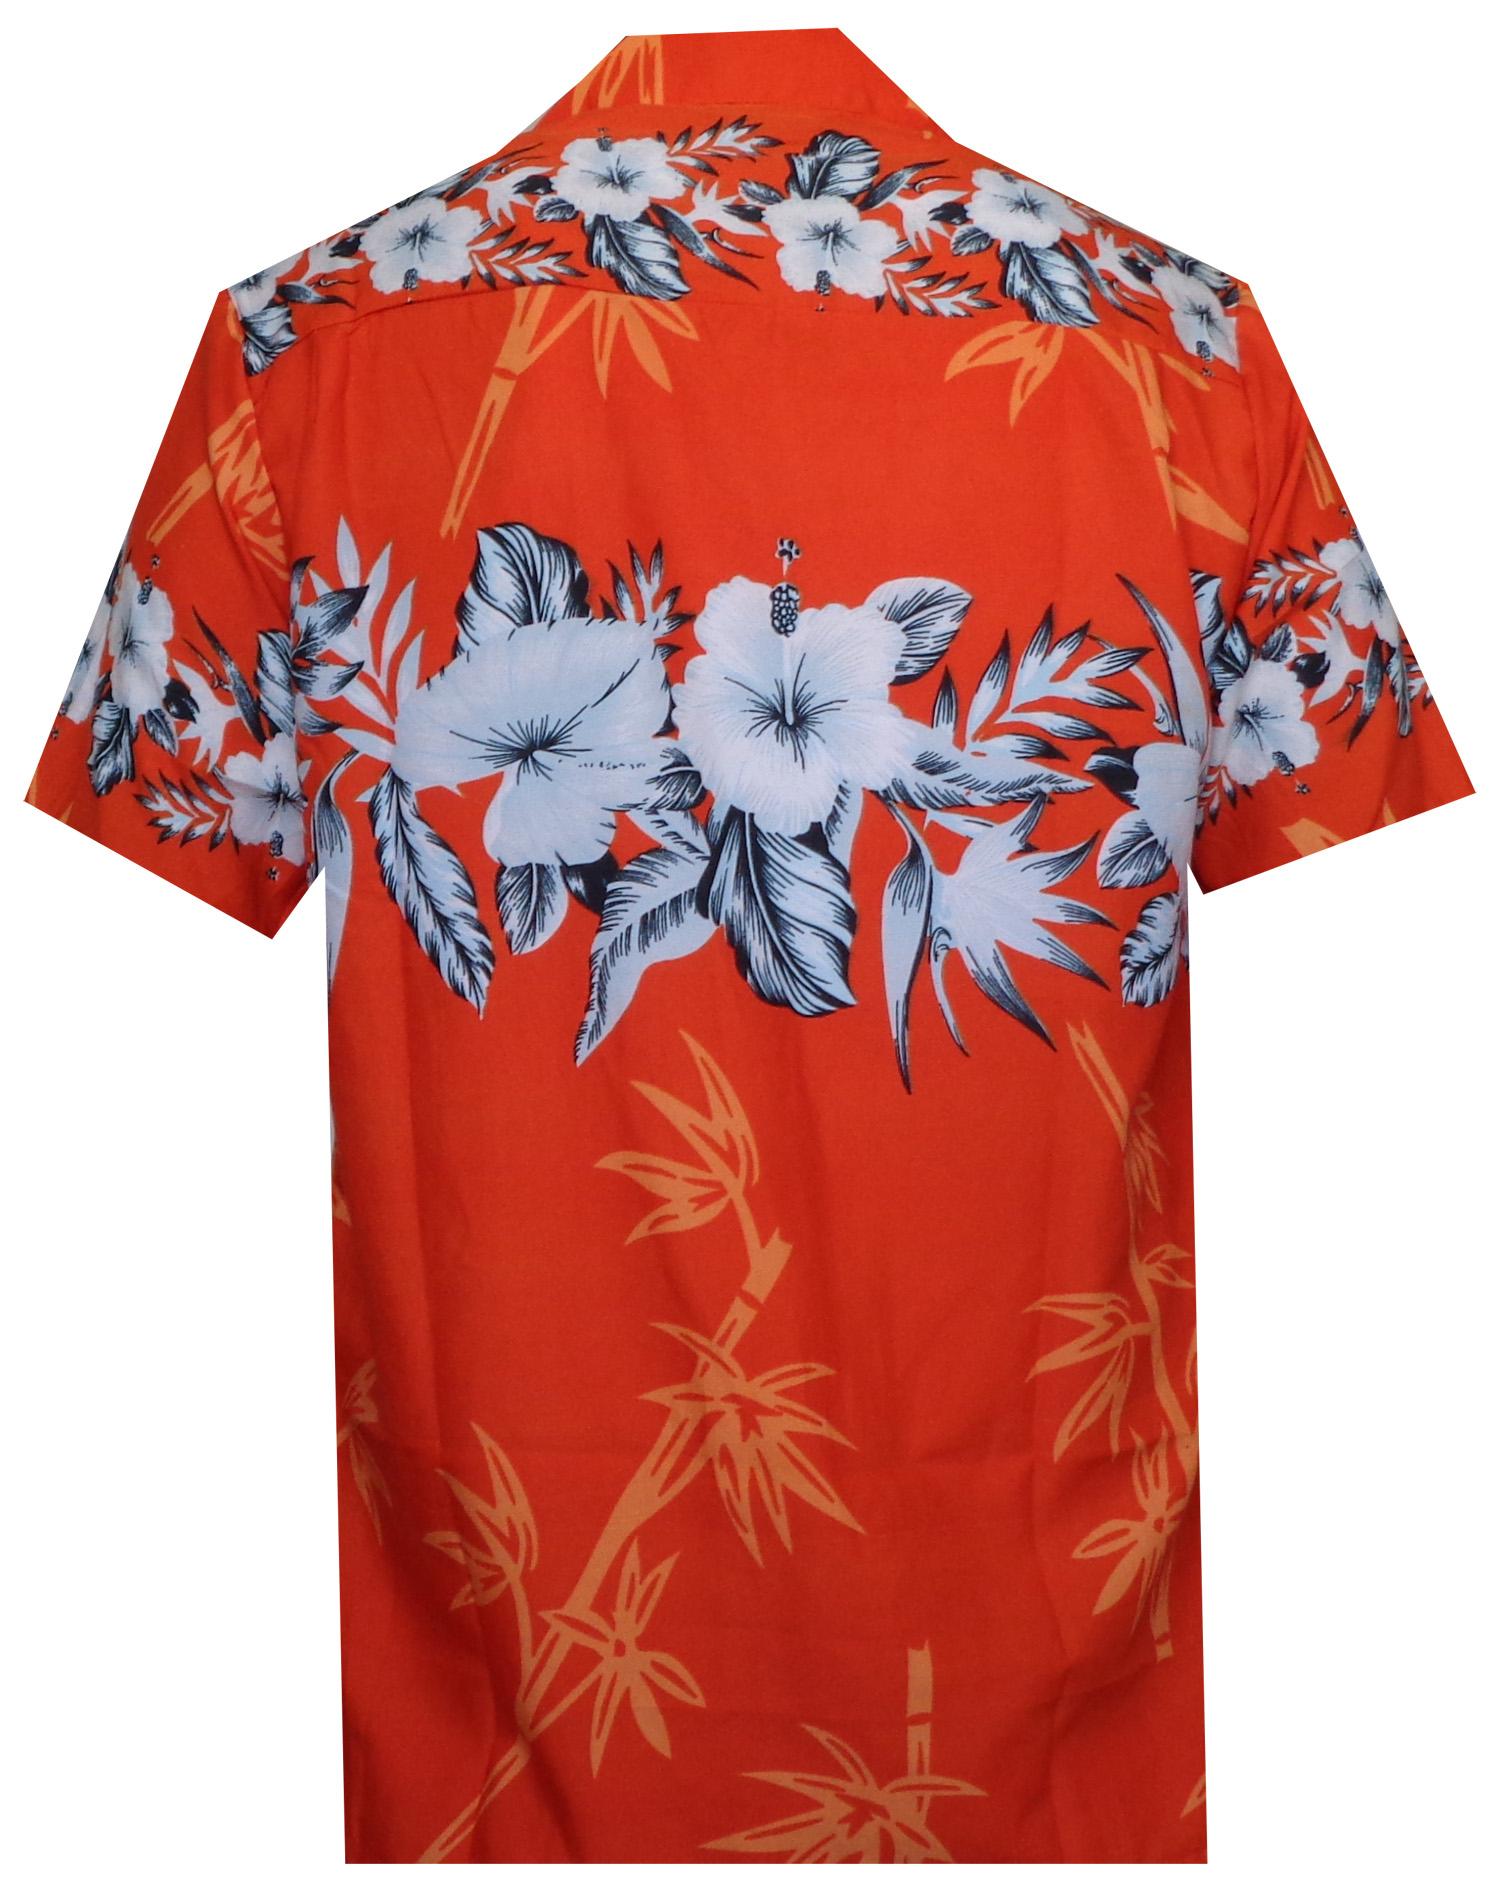 Hawaiian-Shirts-Mens-Bamboo-Tree-Print-Beach-Aloha-Party-Holiday thumbnail 4